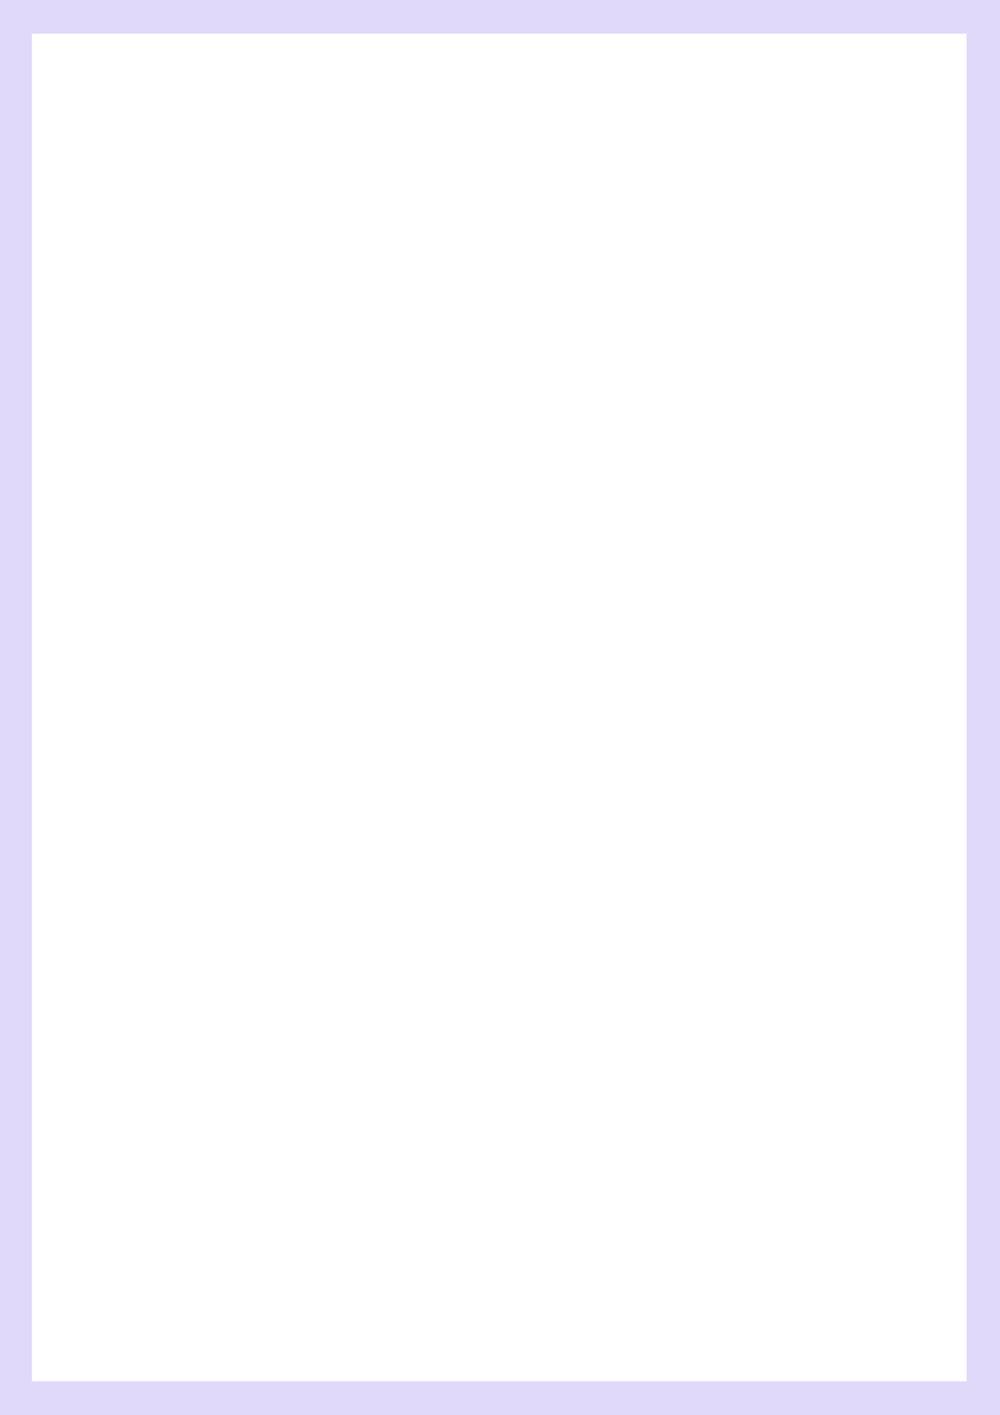 Destinazione del 5xmille - Nel periodo aprile/giugno in cui andrete a compilare la vostra dichiarazione dei redditi (CUD, 730 0 Modello Unico), con la destinazione del 5xmille alla cooperativa Arcos Onlus, collaborerete al progetto di inserimento lavorativo di persone disabili. E' semplice: basta firmare nell'apposito riquadro ed indicare il codice fiscale 03512280177.